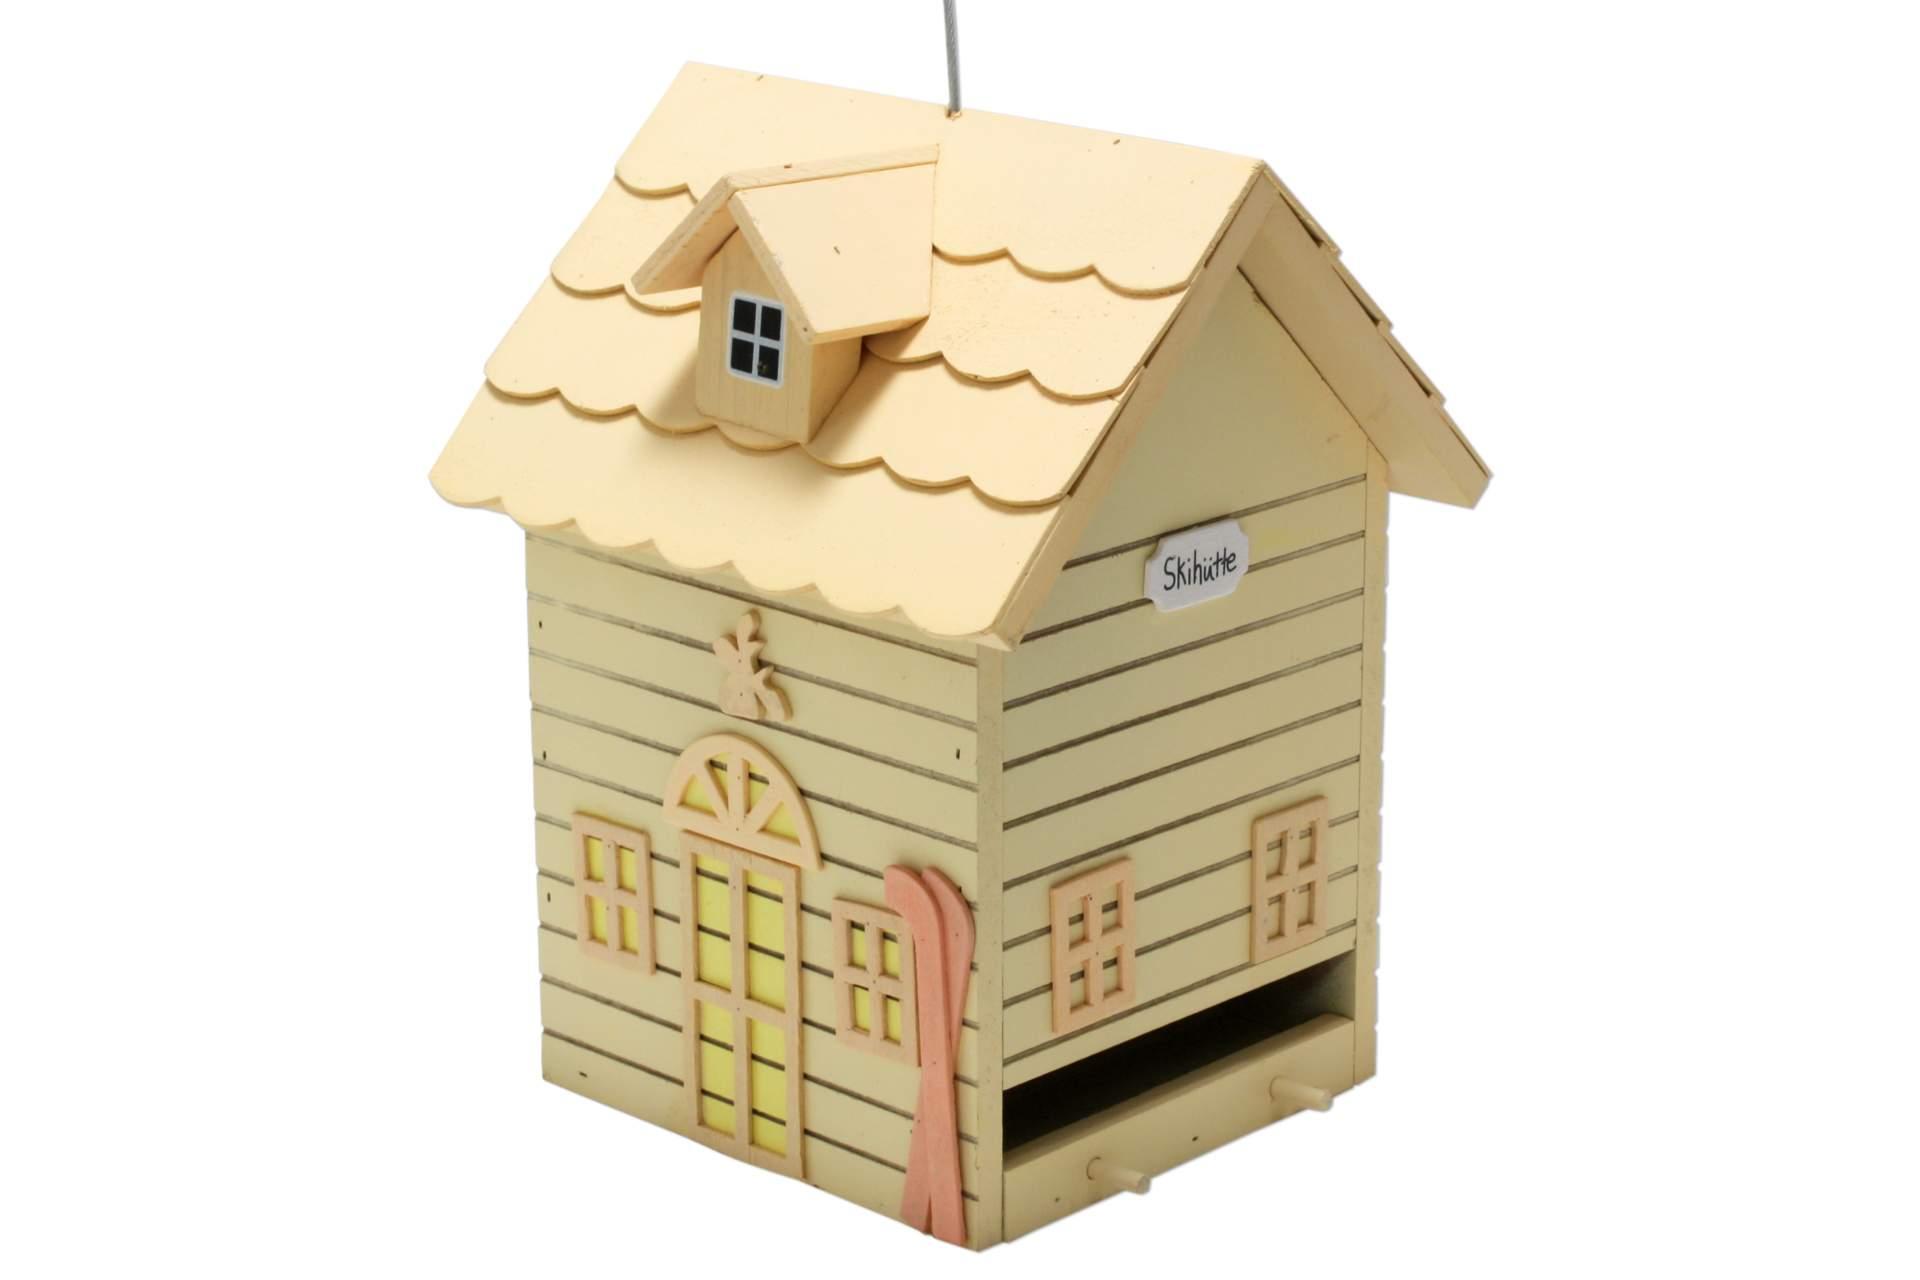 vogelhaus futter villa skih tte h ngend holz gelb dekoration garten artlands onlineshop. Black Bedroom Furniture Sets. Home Design Ideas